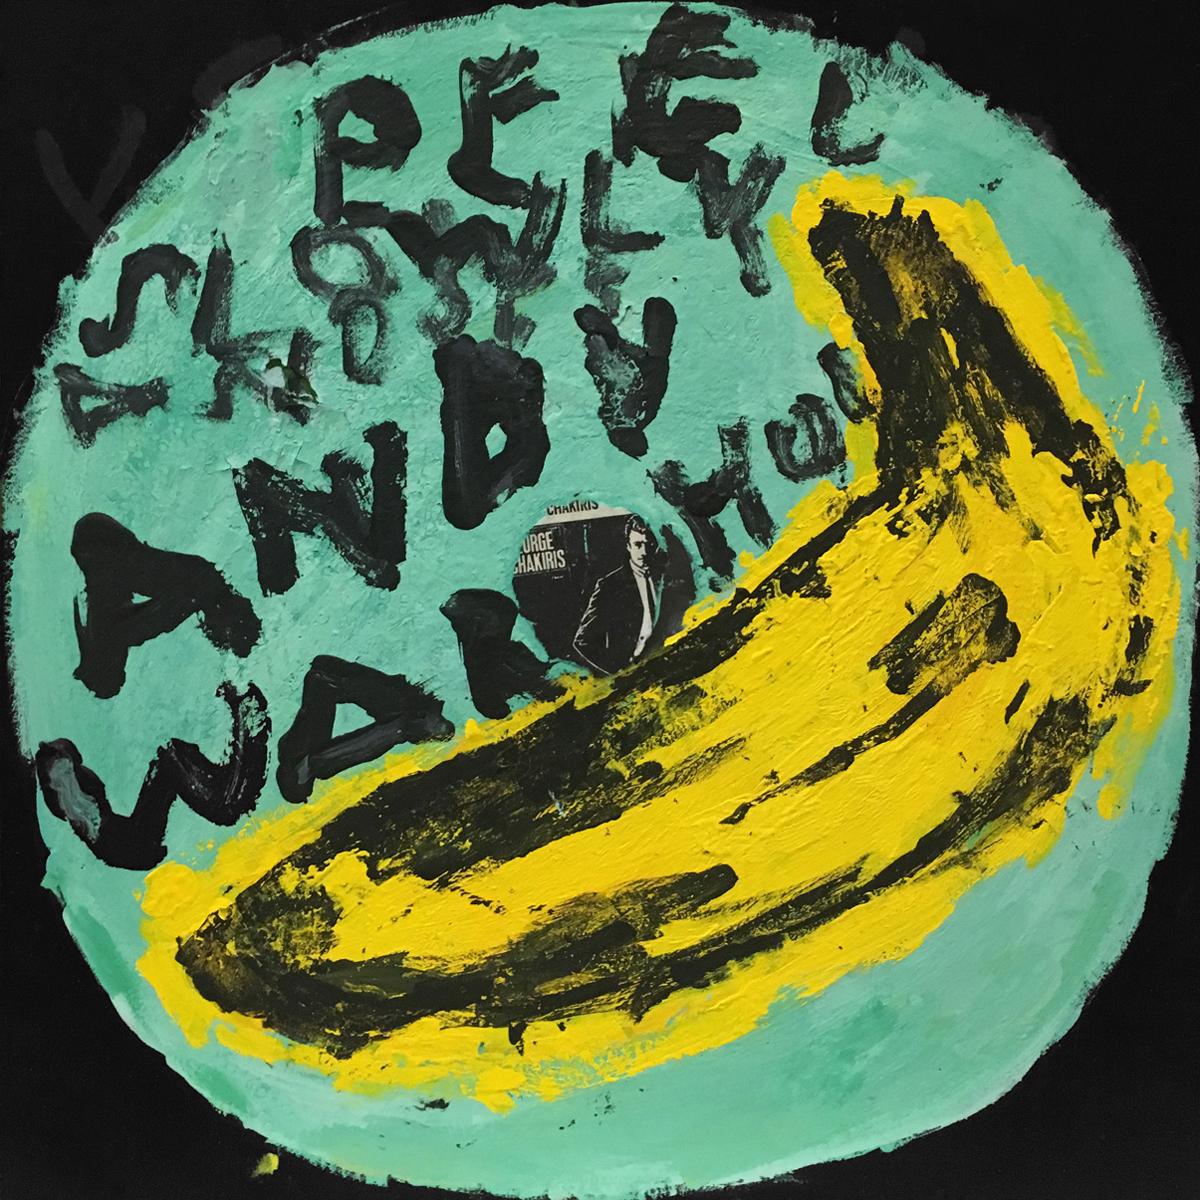 Velvet Underground / Andy Warhol (Teal)